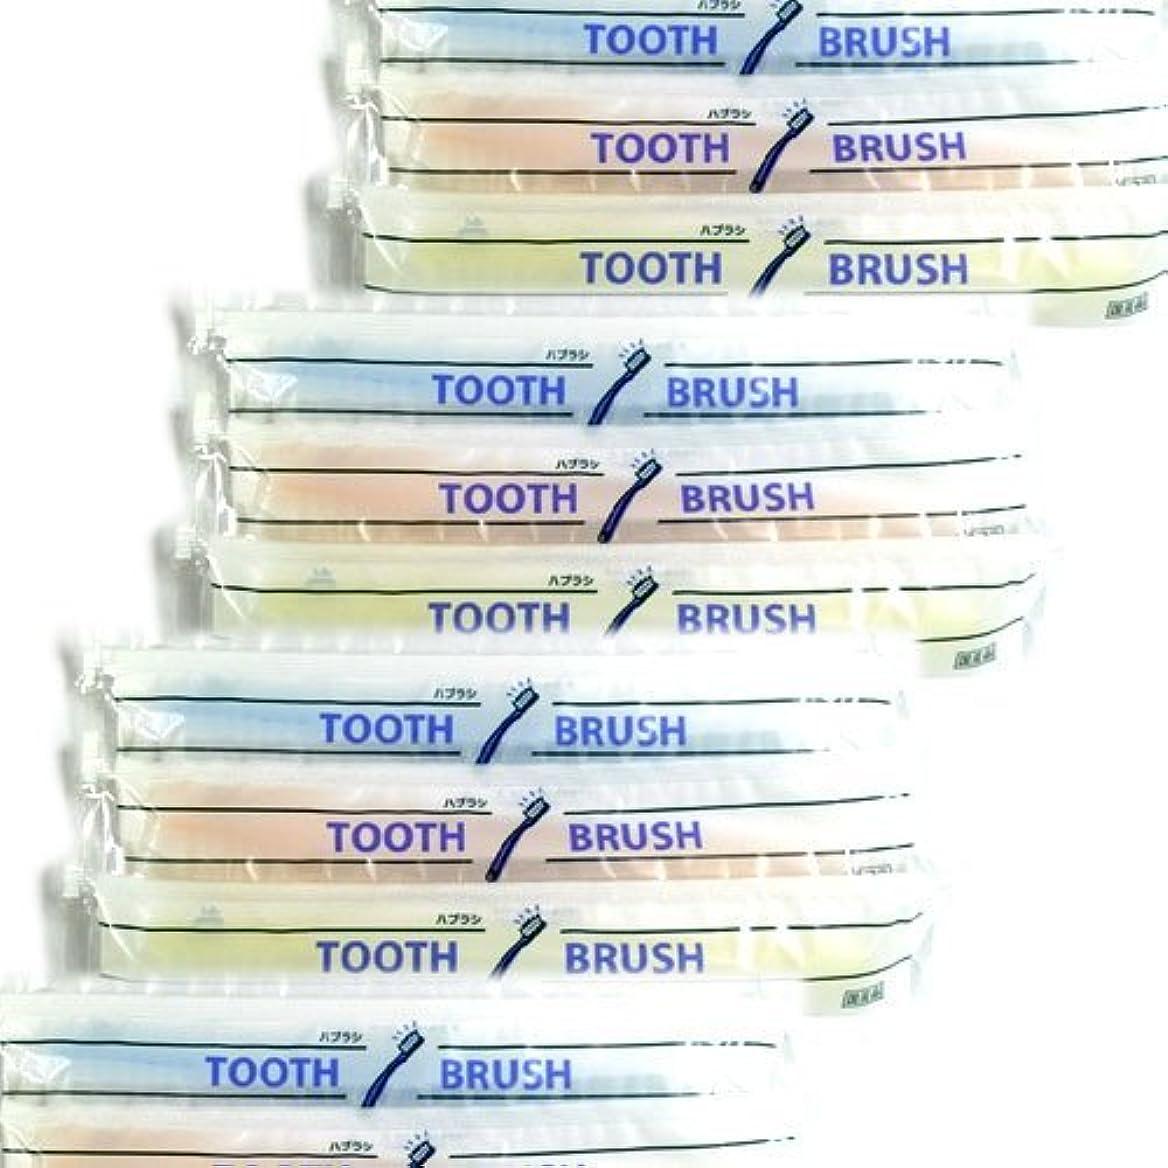 成り立つ優雅なミュートホテルアメニティ 業務用 使い捨て(インスタント) 粉付き歯ブラシ × 1000個セット